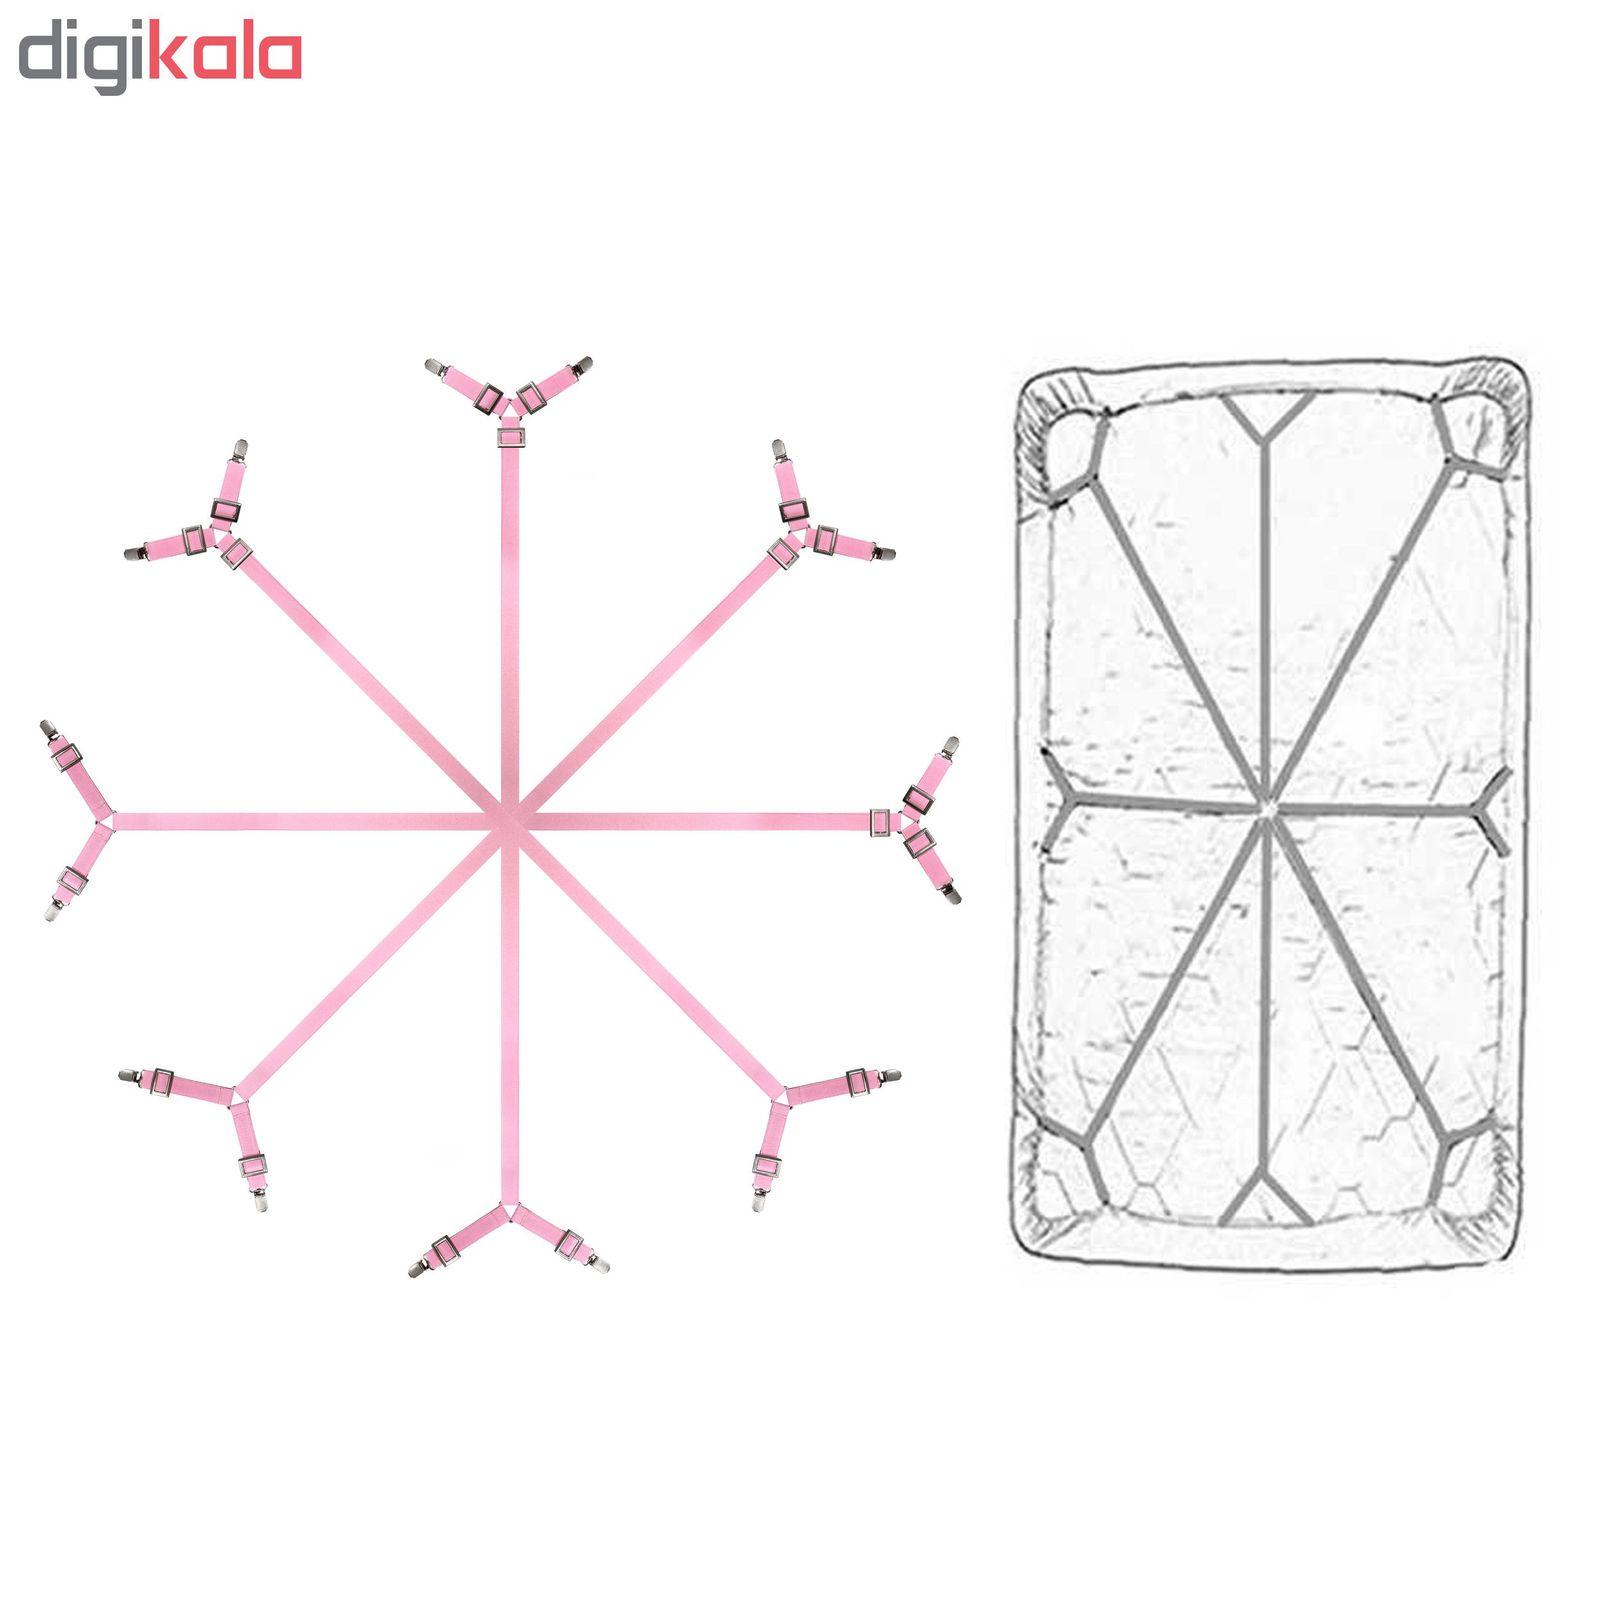 نظم دهنده روتختی زیبا مدل Cross بسته 4 عددی main 1 3